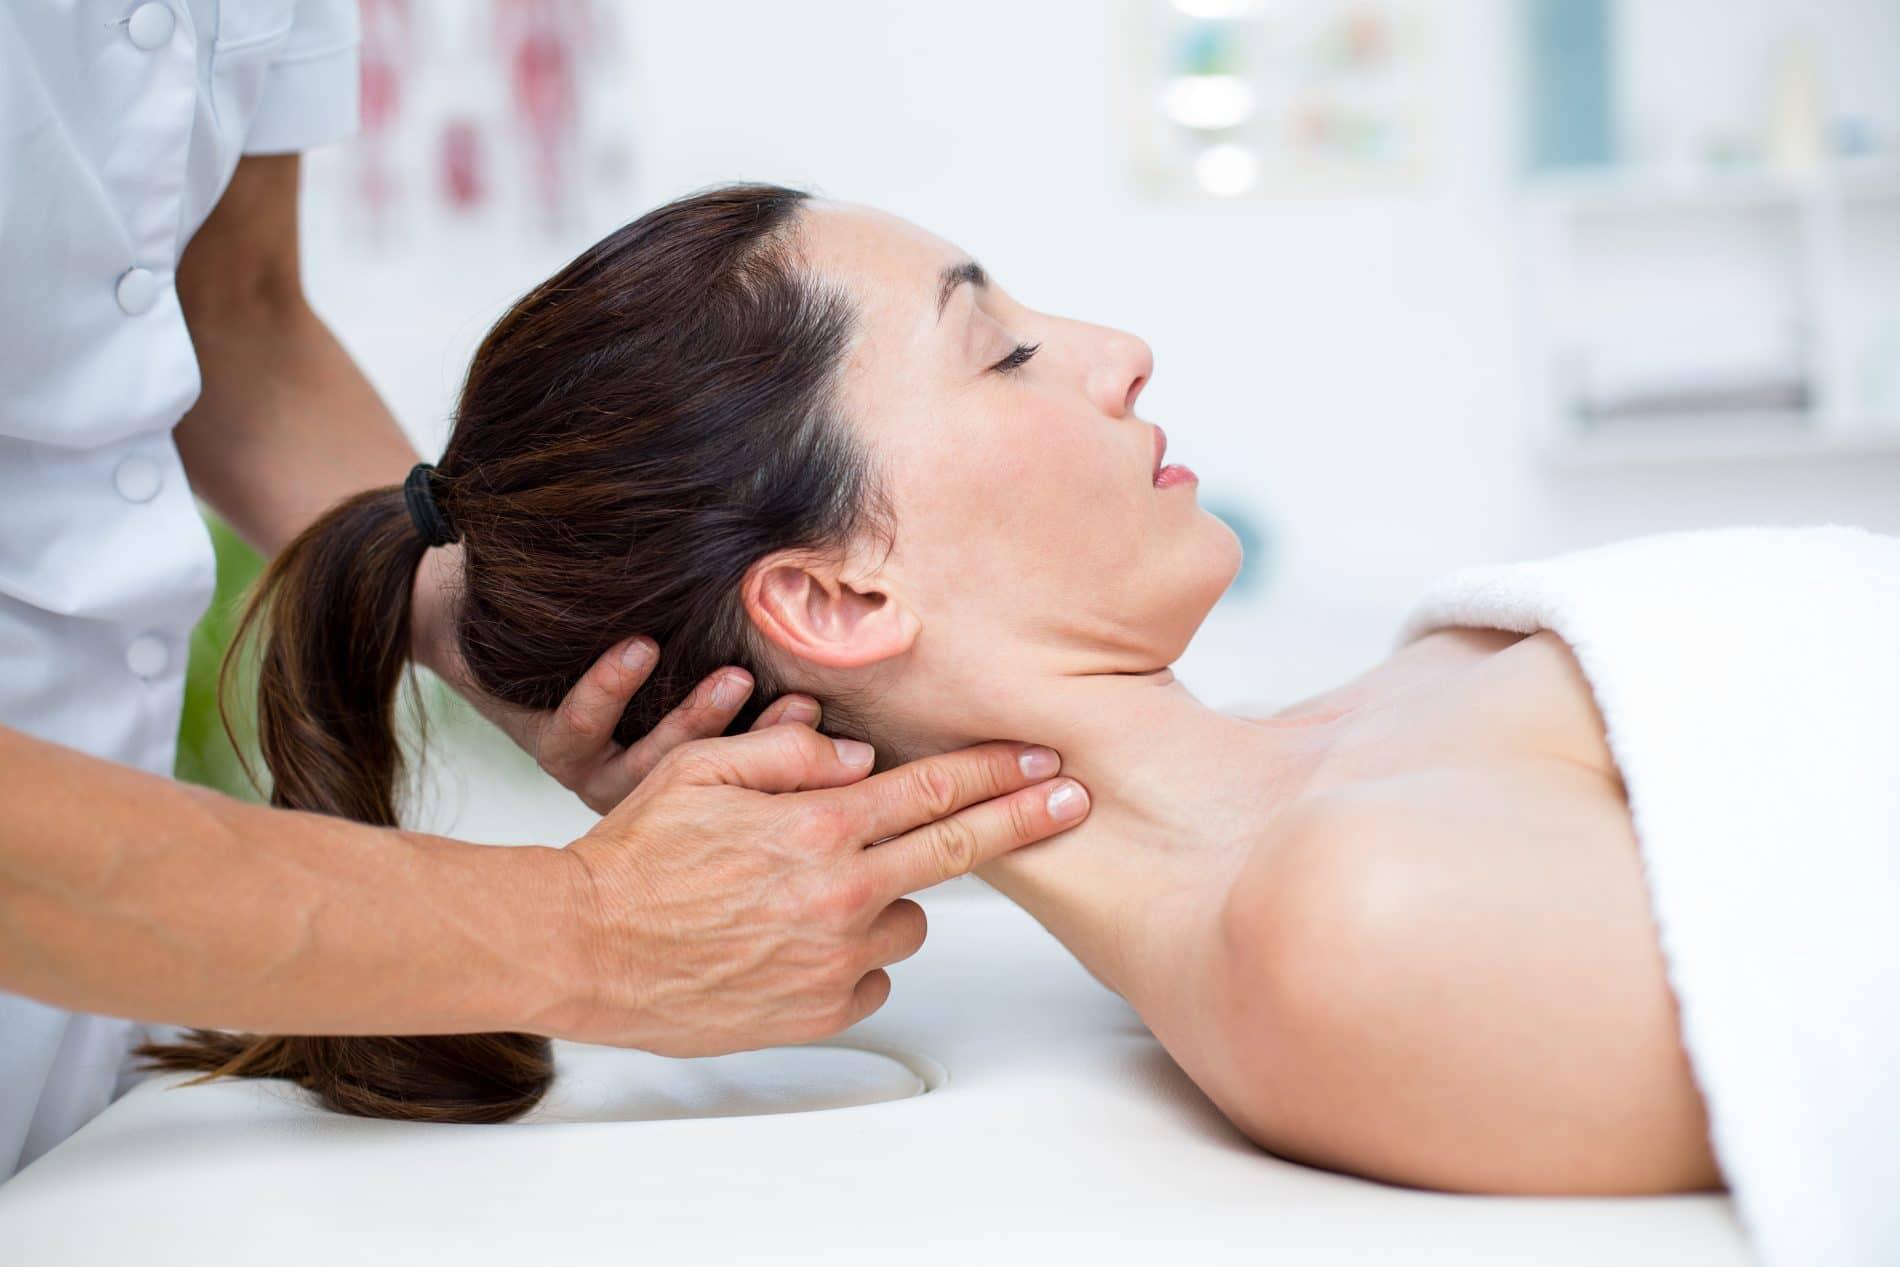 painful male massage gold coast